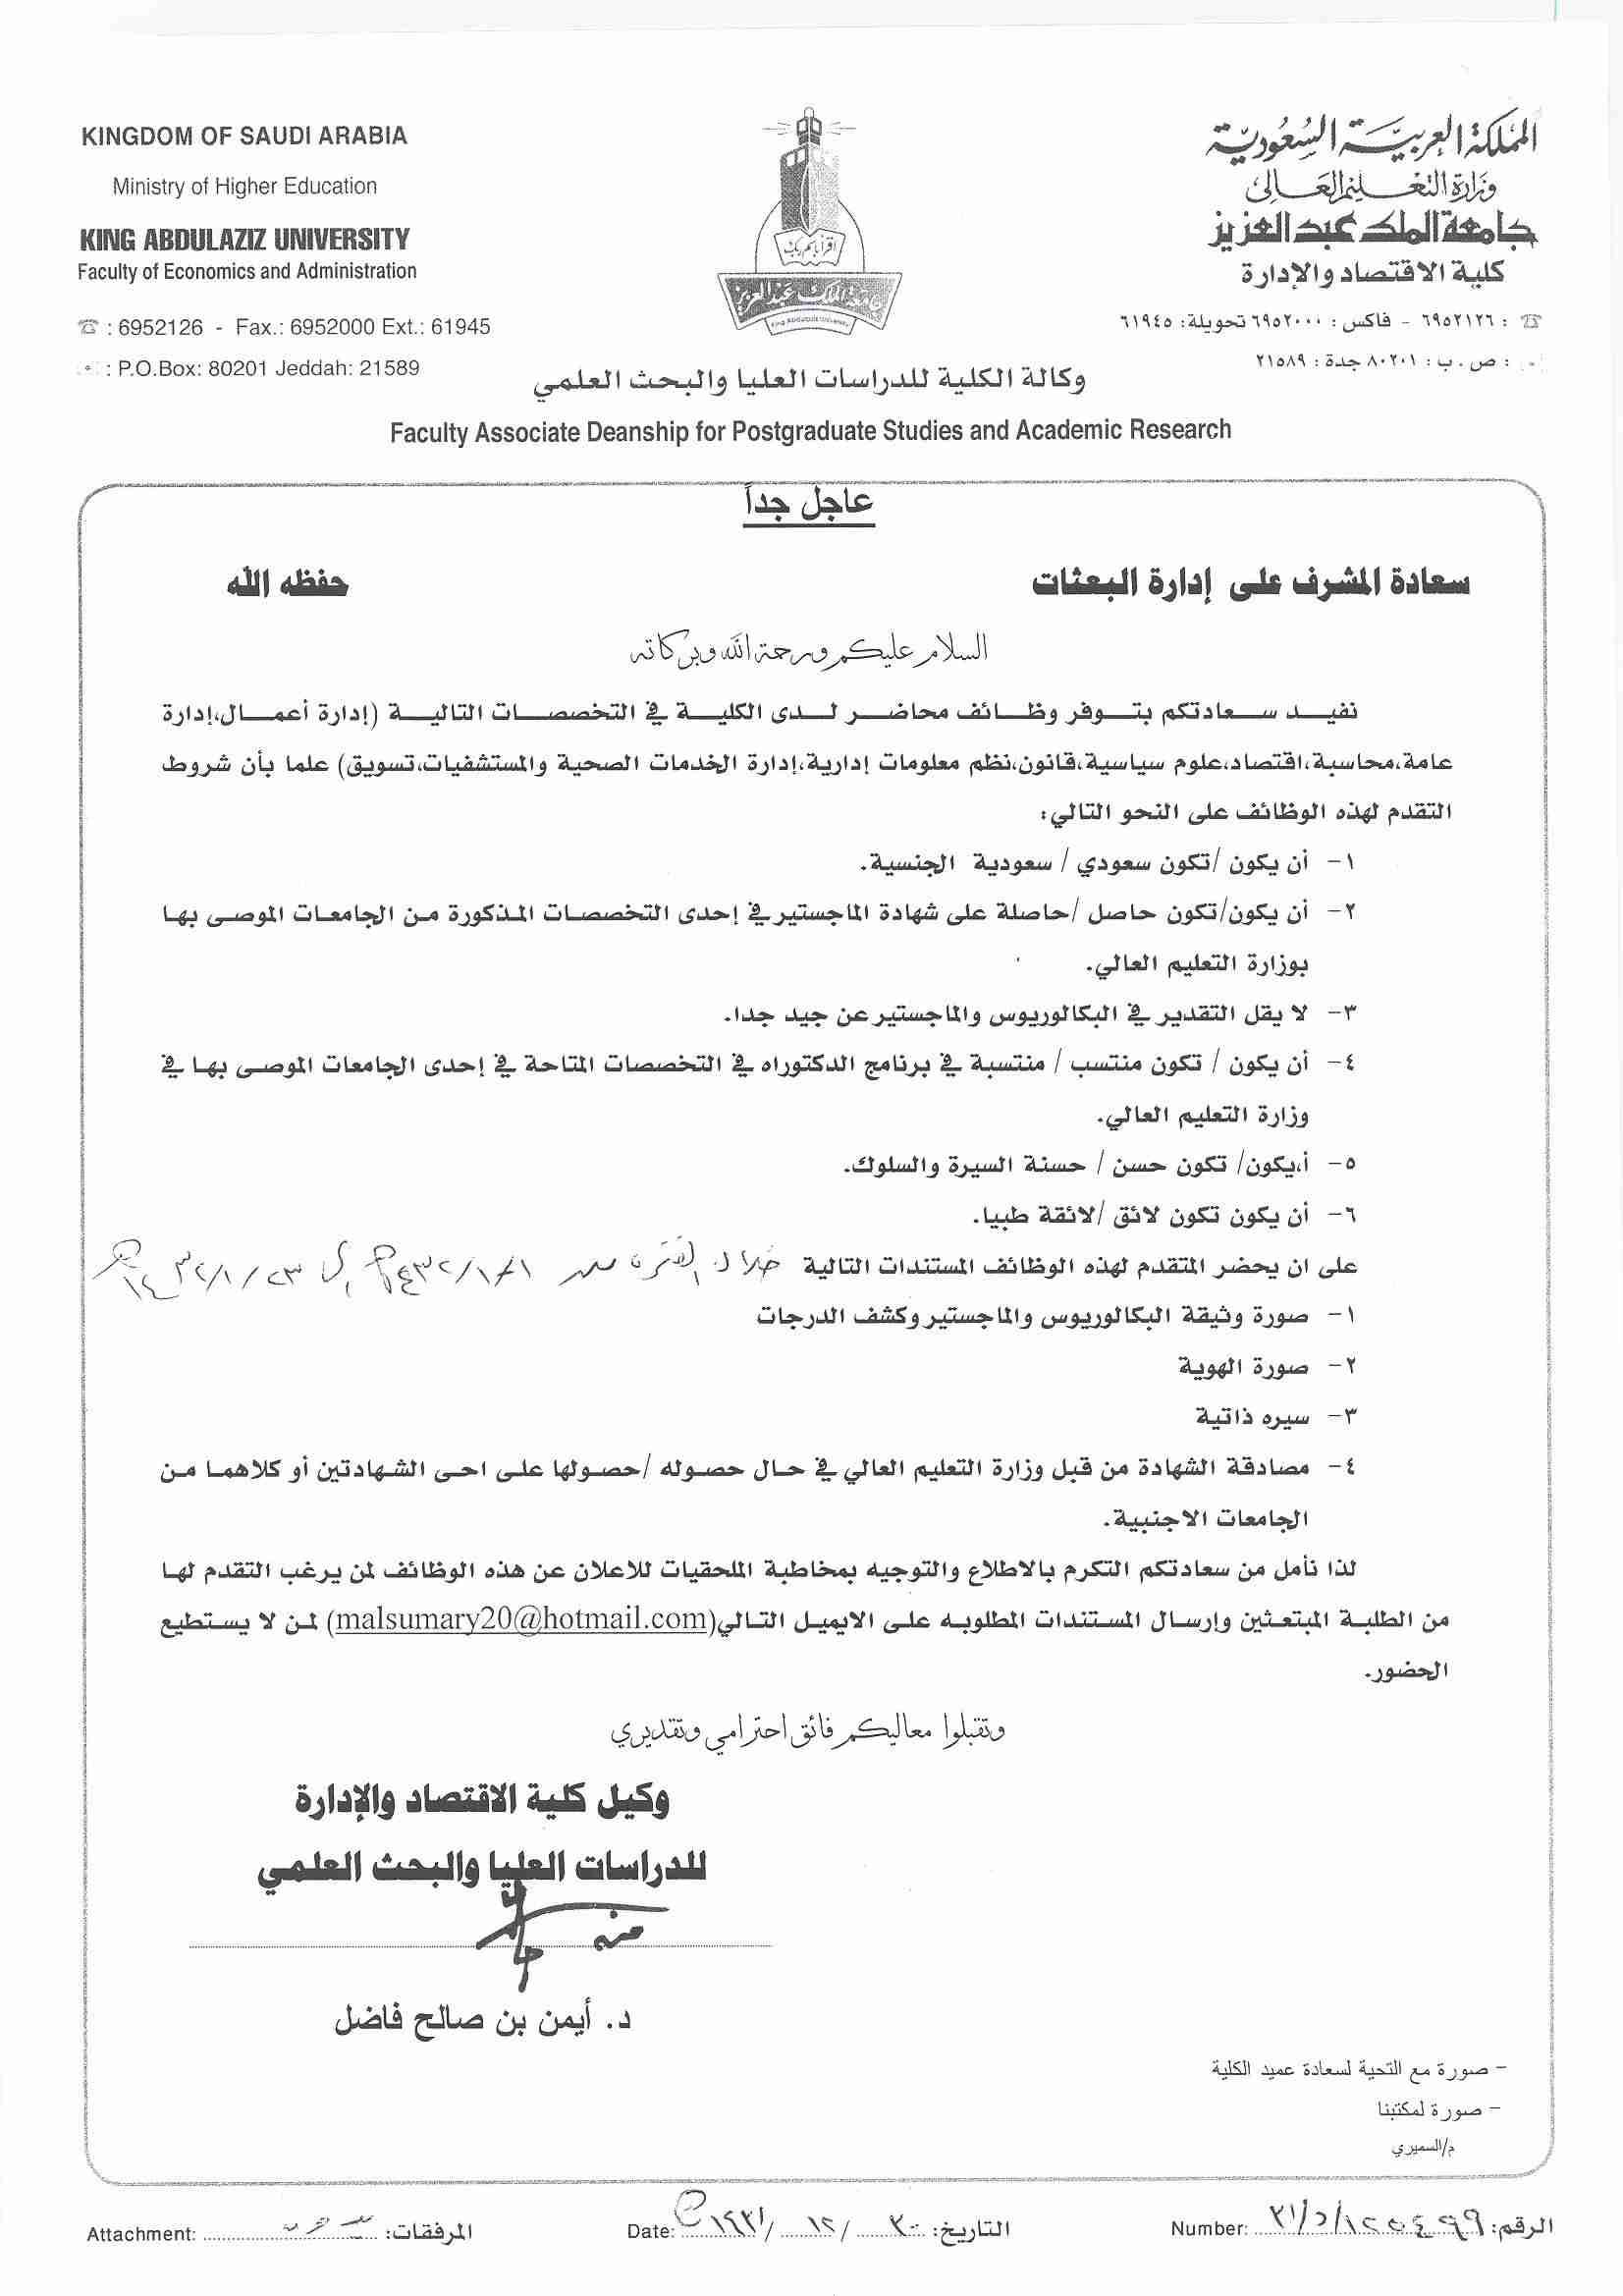 كتاب ام عبدالعزيز